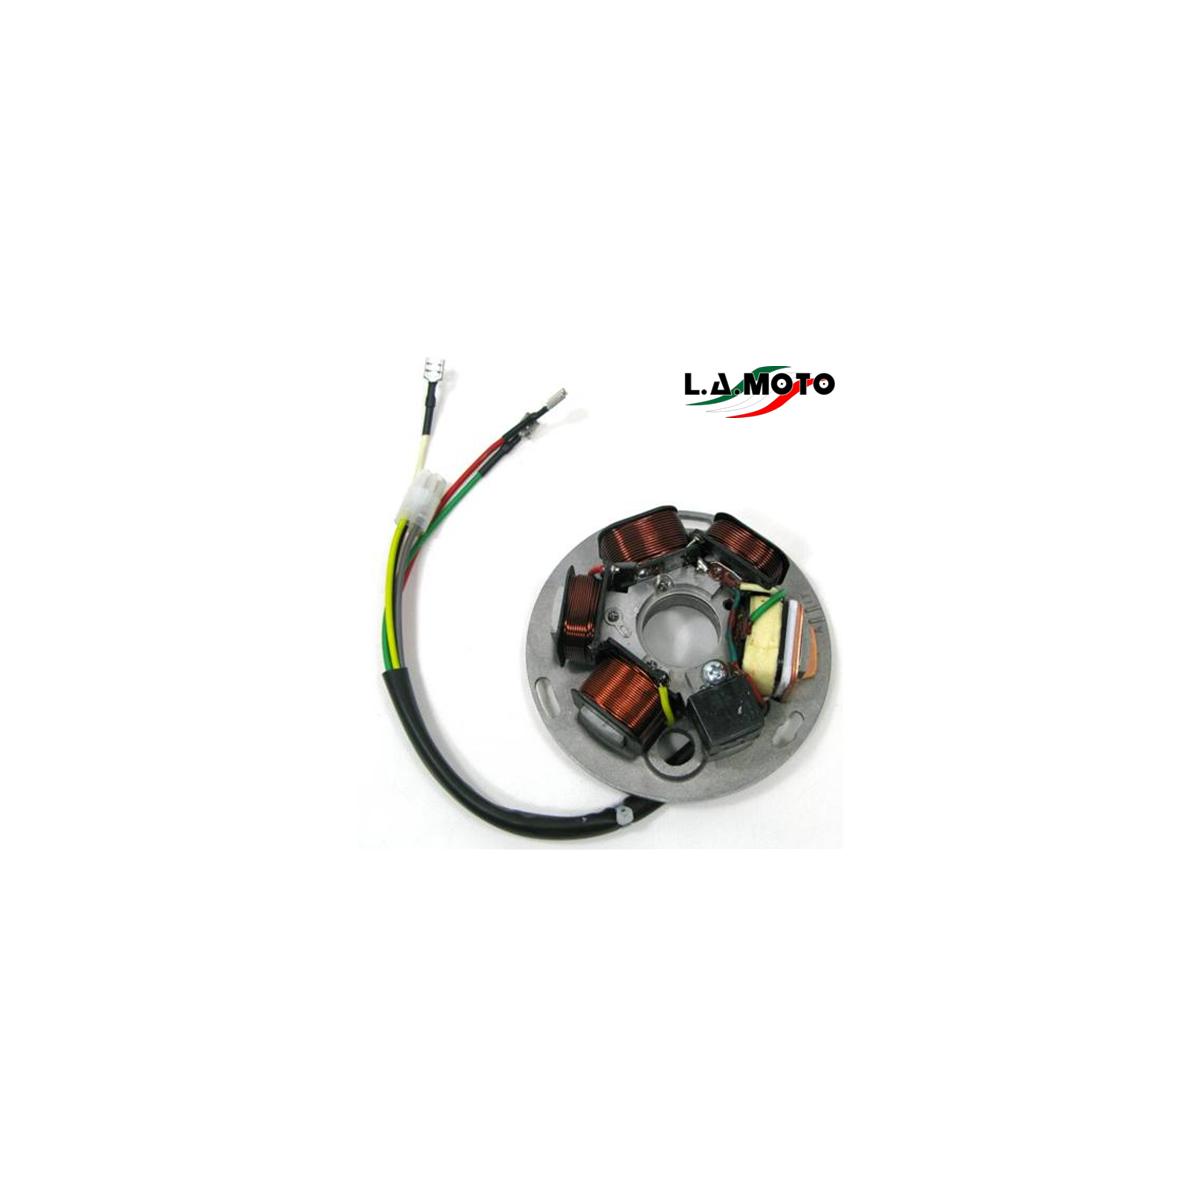 Statore 6 poli con piastra per motori PIAGGIO VESPA PX 125 150 200 r.o. 497652 / 217866